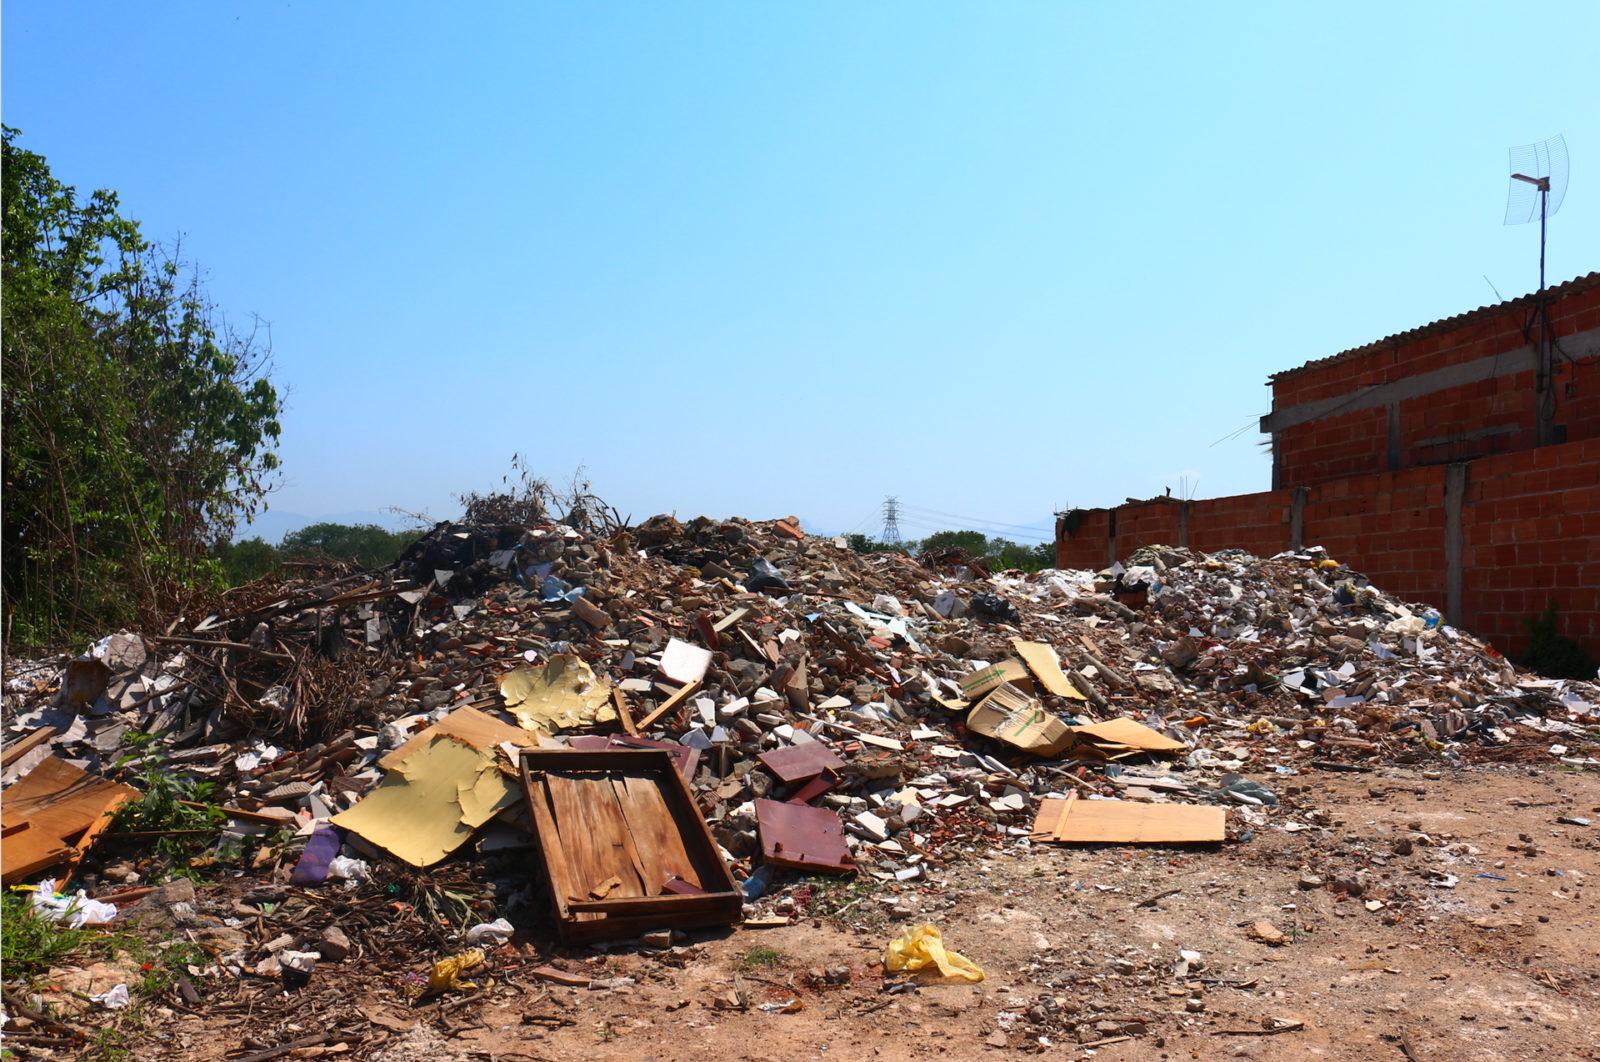 Escombros despejados por camiones para aplanar terrenos y construir bases para nuevas casas. Fotos enviadas como pruebas para la investigación de la Policía. Foto: Comdema